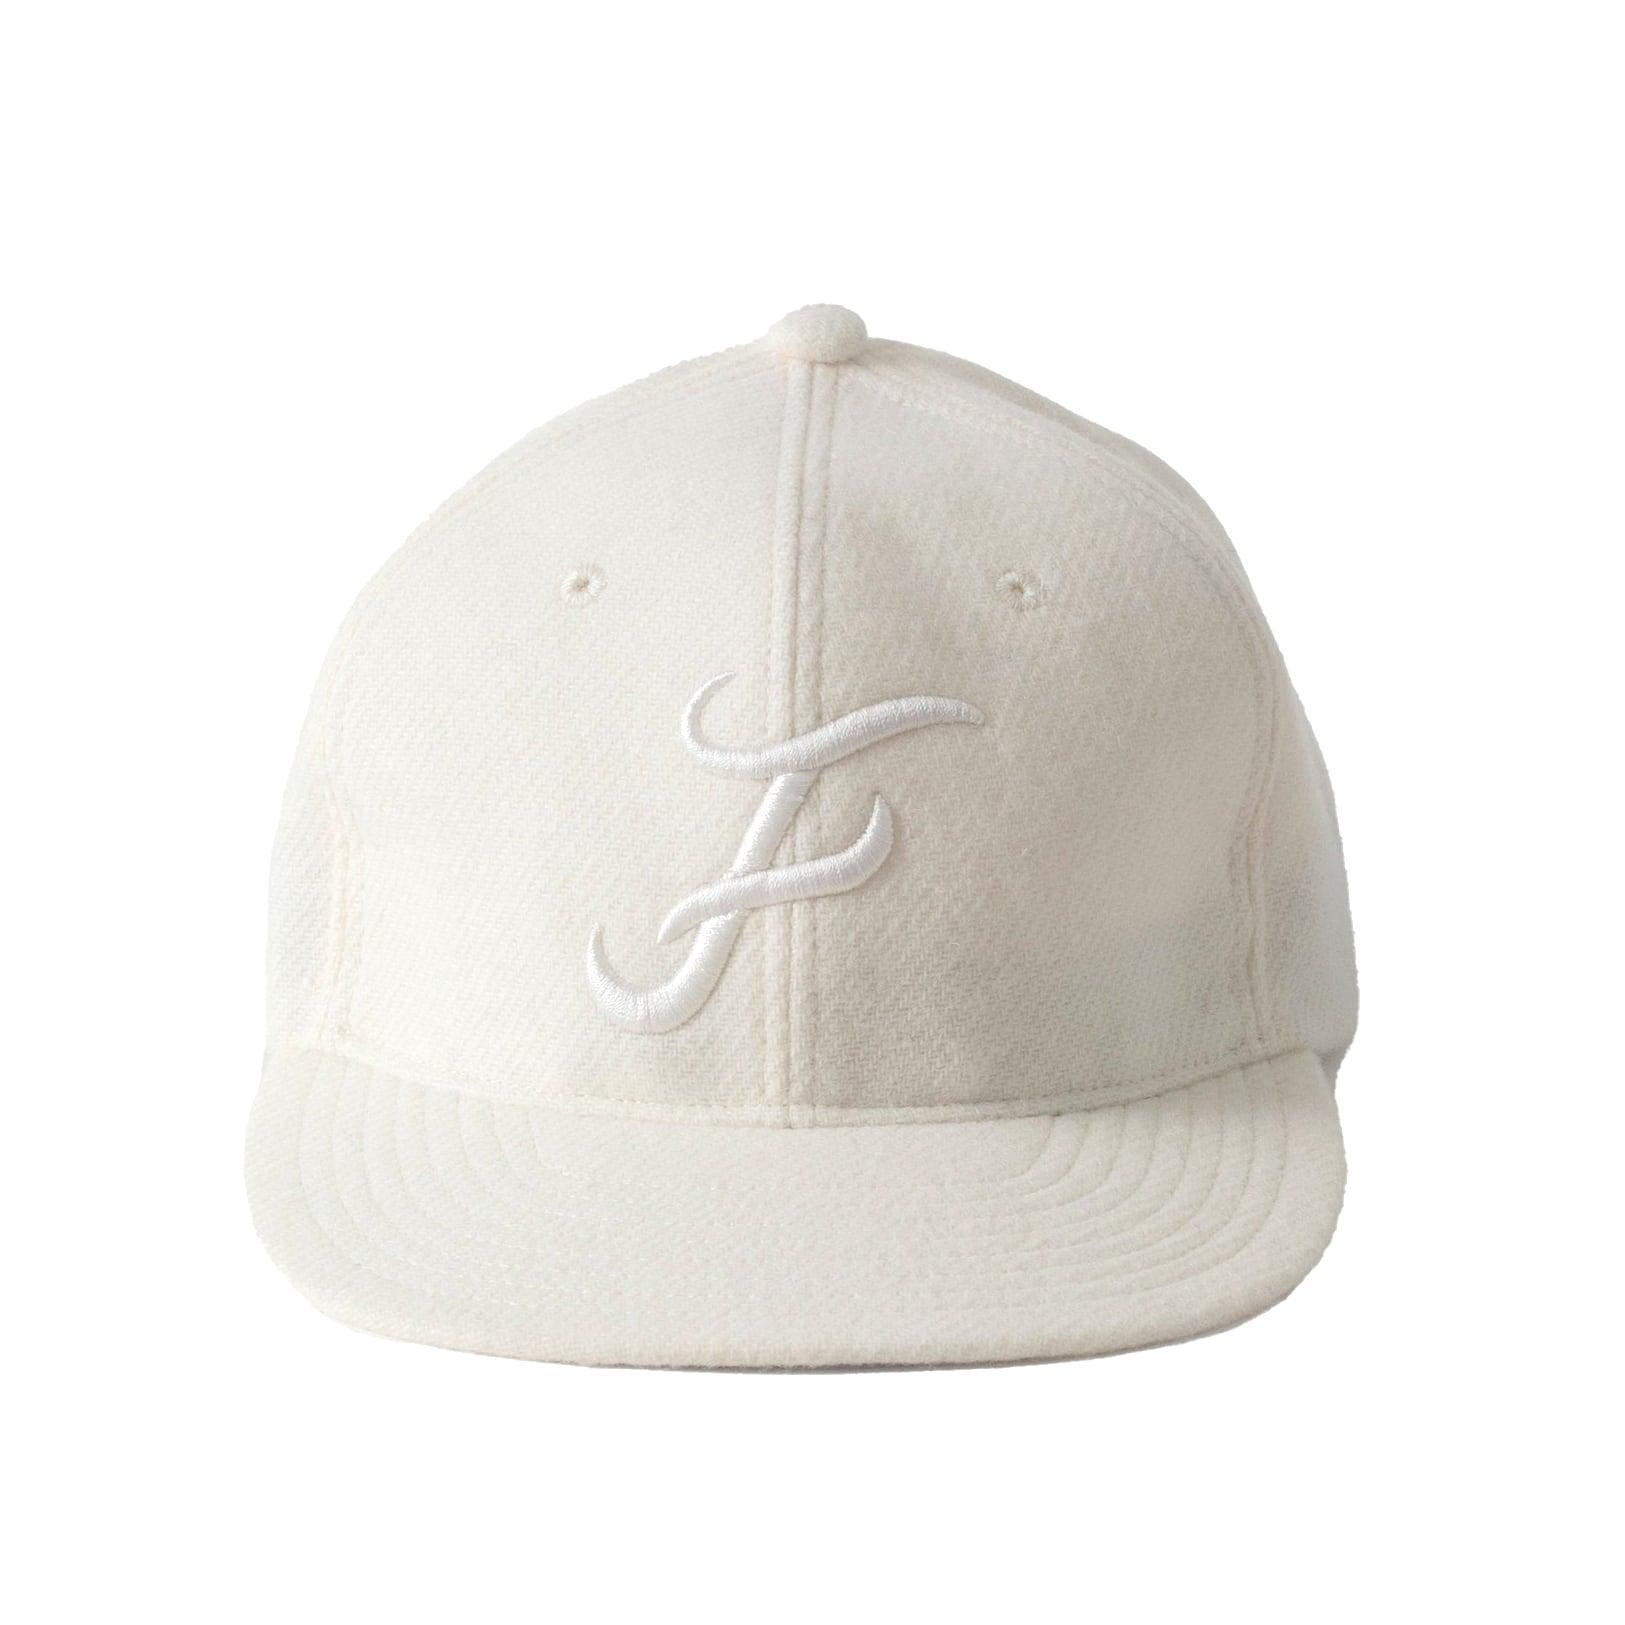 FRAVES BASEBALL CAP / WHITE - 画像2